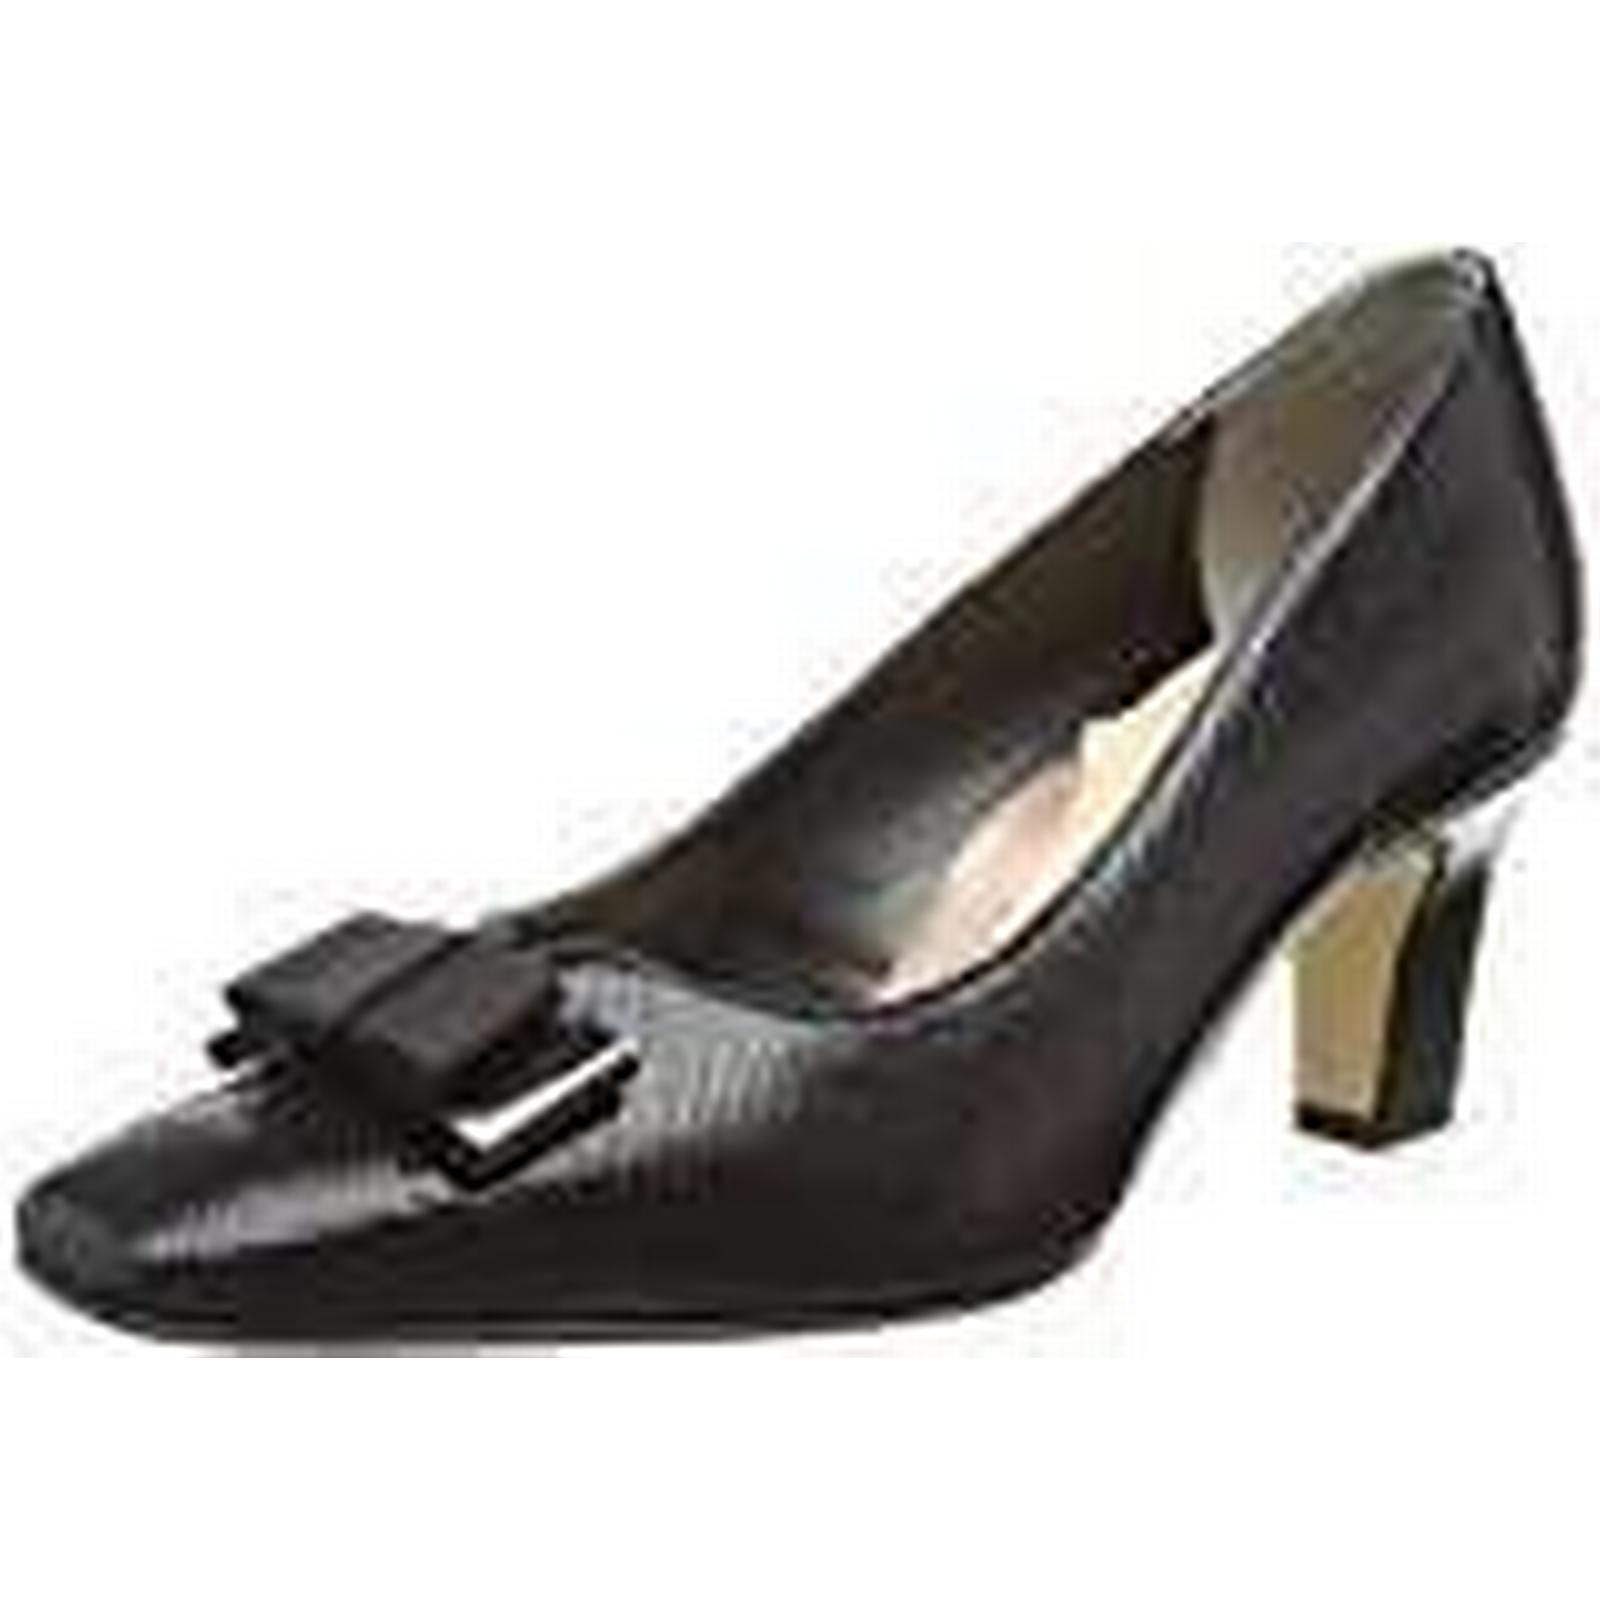 Van Dal Women's Kett Closed Print), Toe Heels, (Black Reptile Print), Closed 6 UK 39 EU cabefa